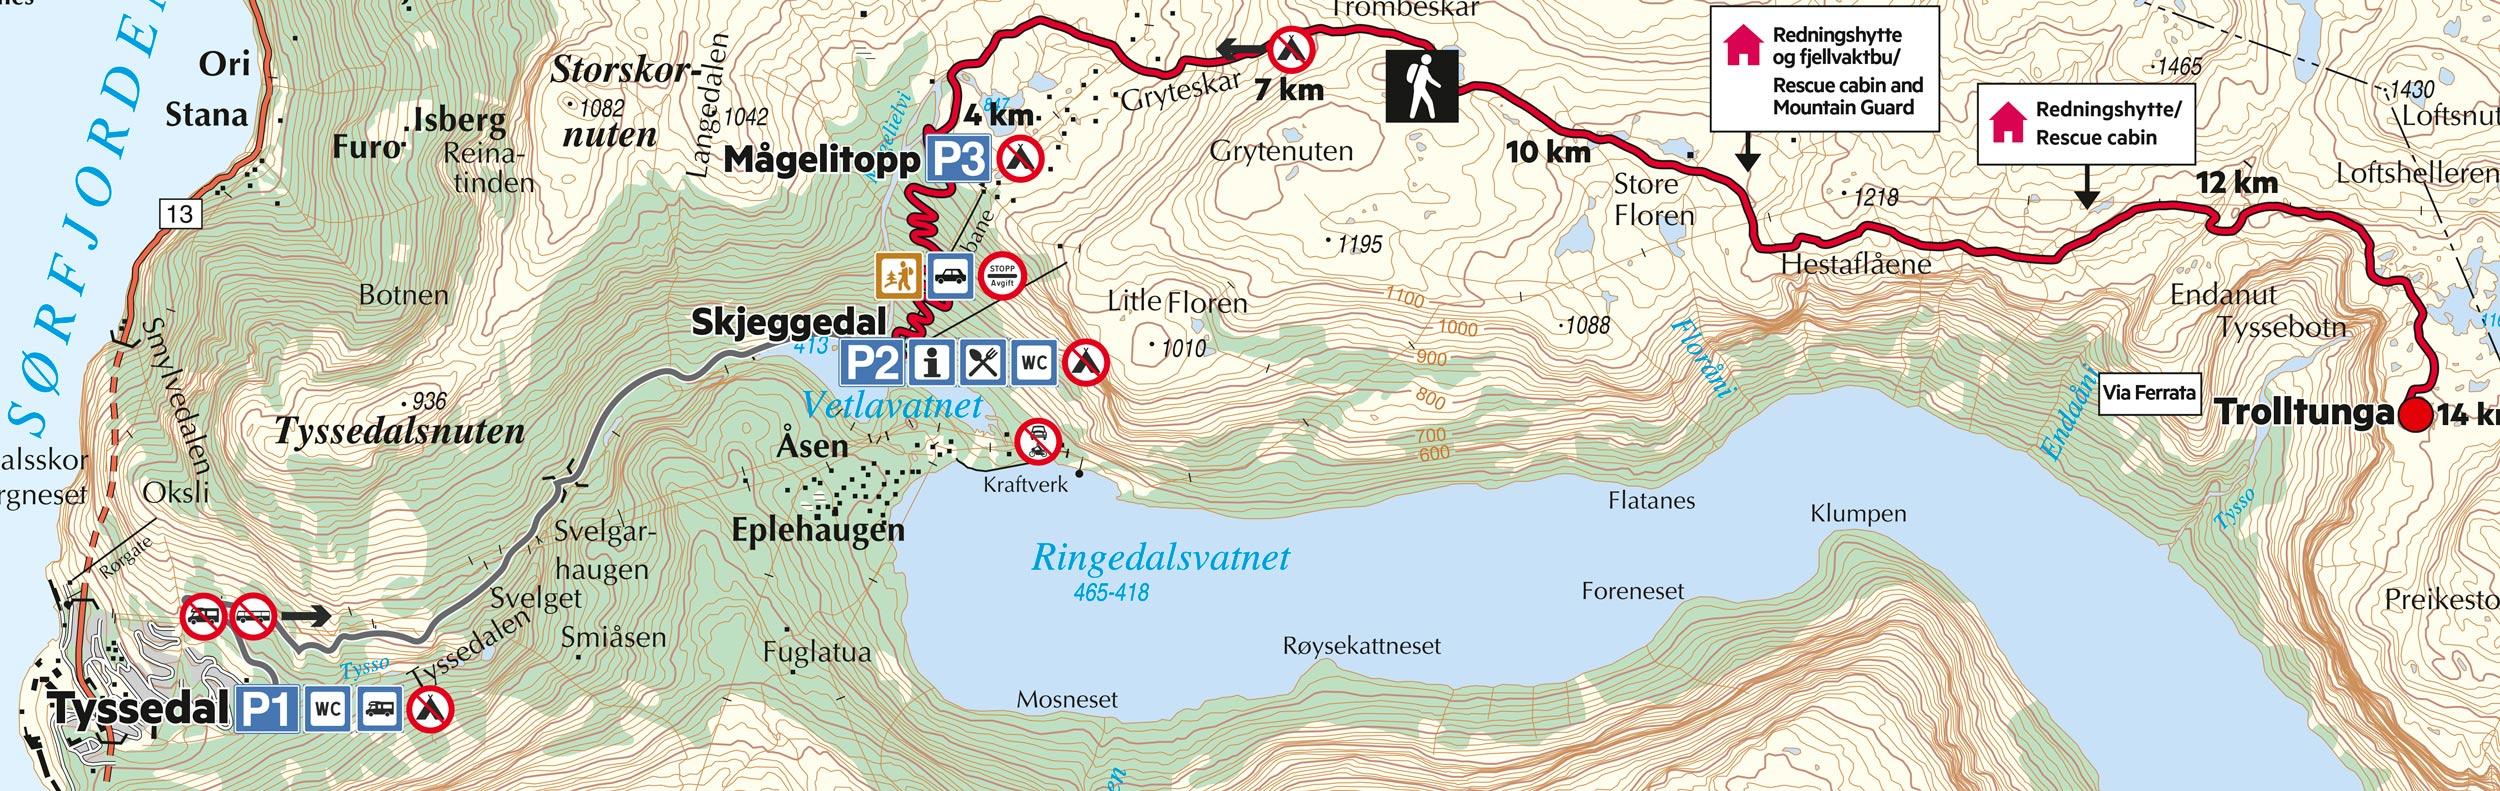 Kart som viser p1, p2 og p3